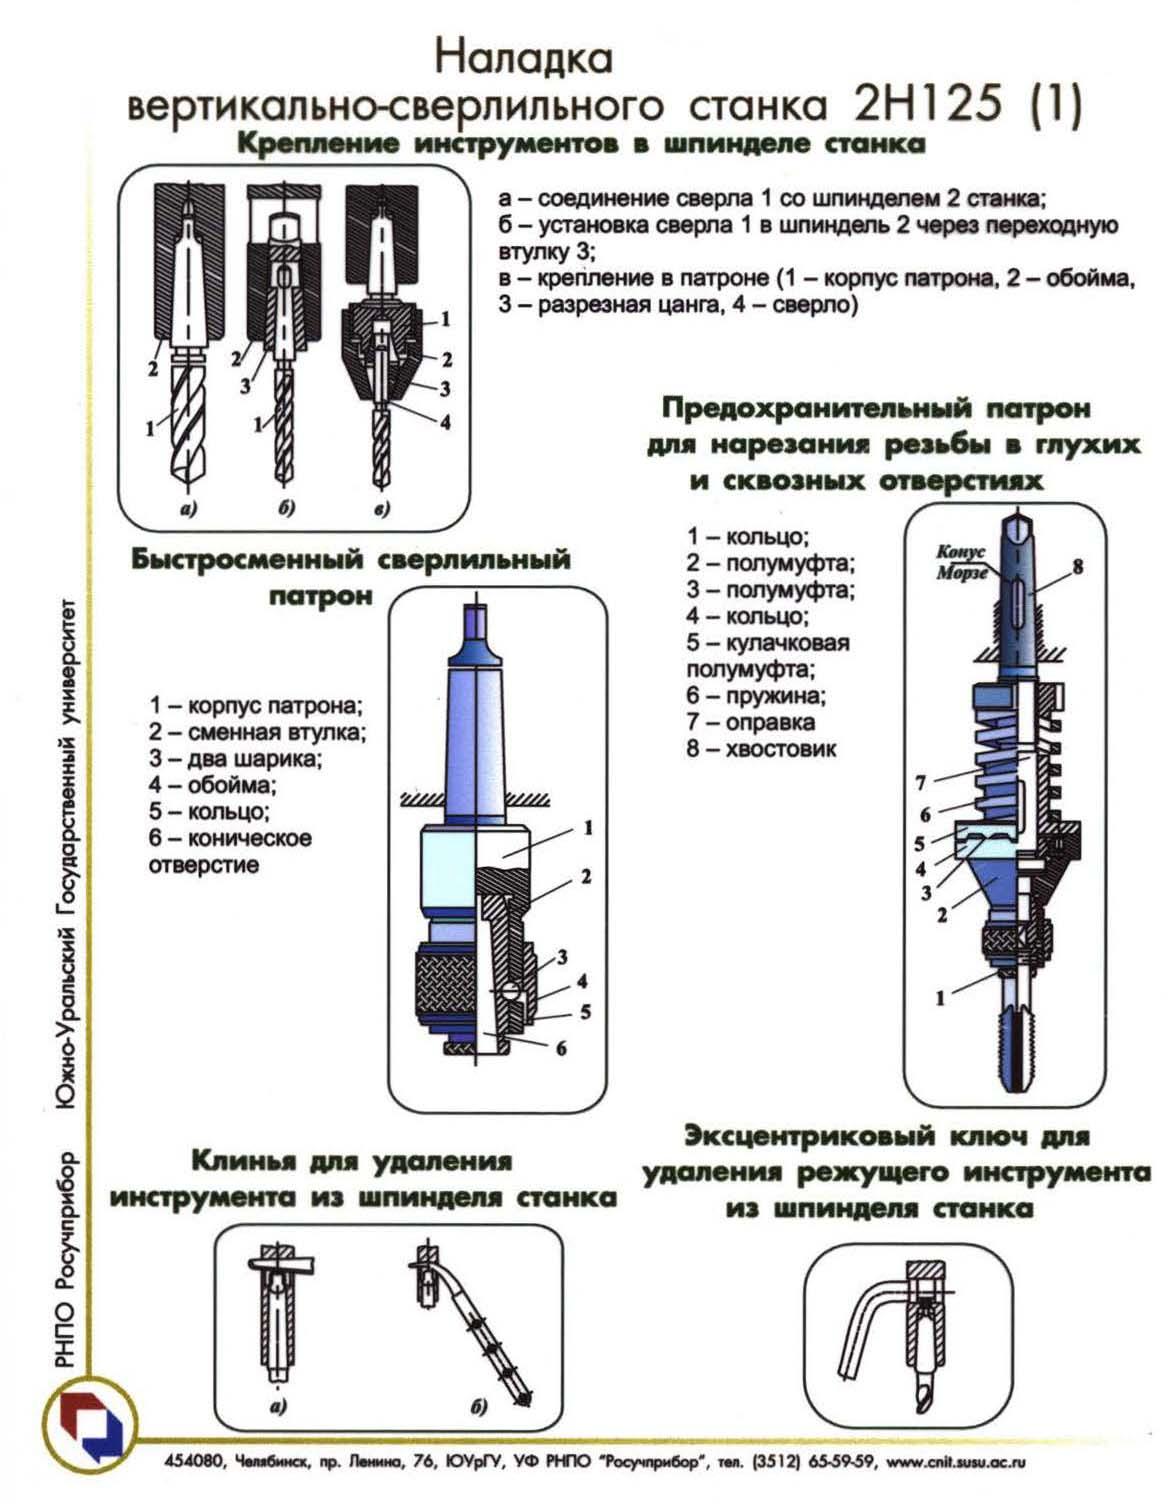 Наладка вертикально-сверлильного станка 2Н125